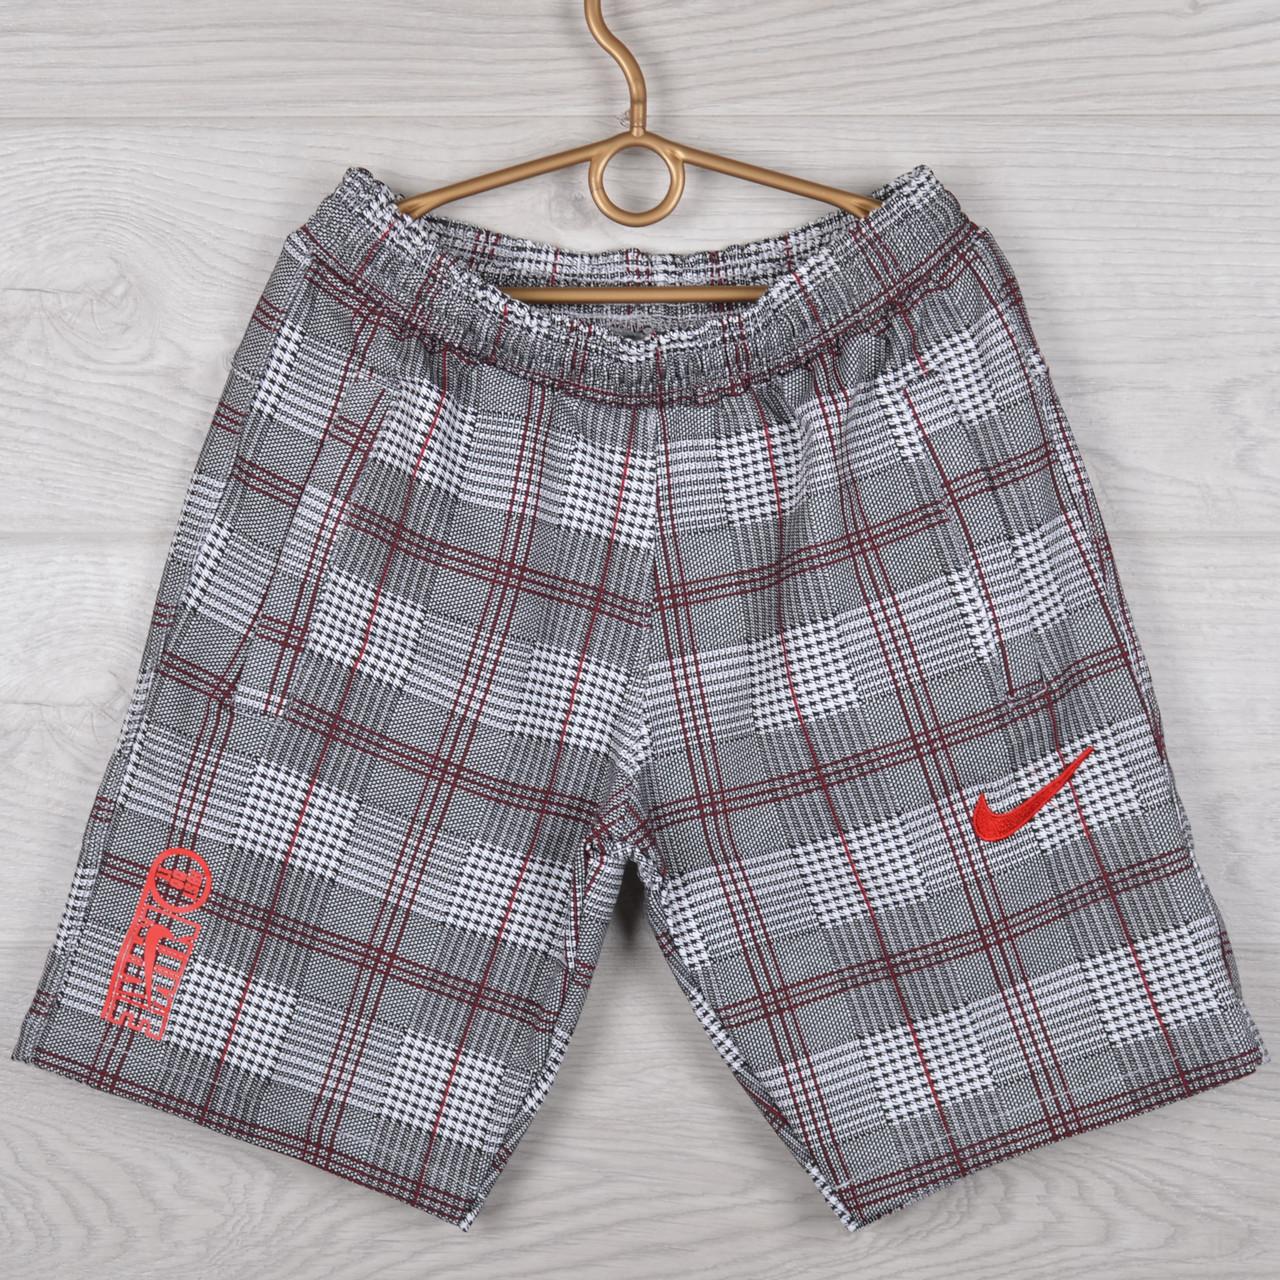 """Шорты подростковые трикотажные """"Nike Red"""". Размеры 40-42-44-46-48 (10-14 лет). Клетка с красной строчкой. Опт"""